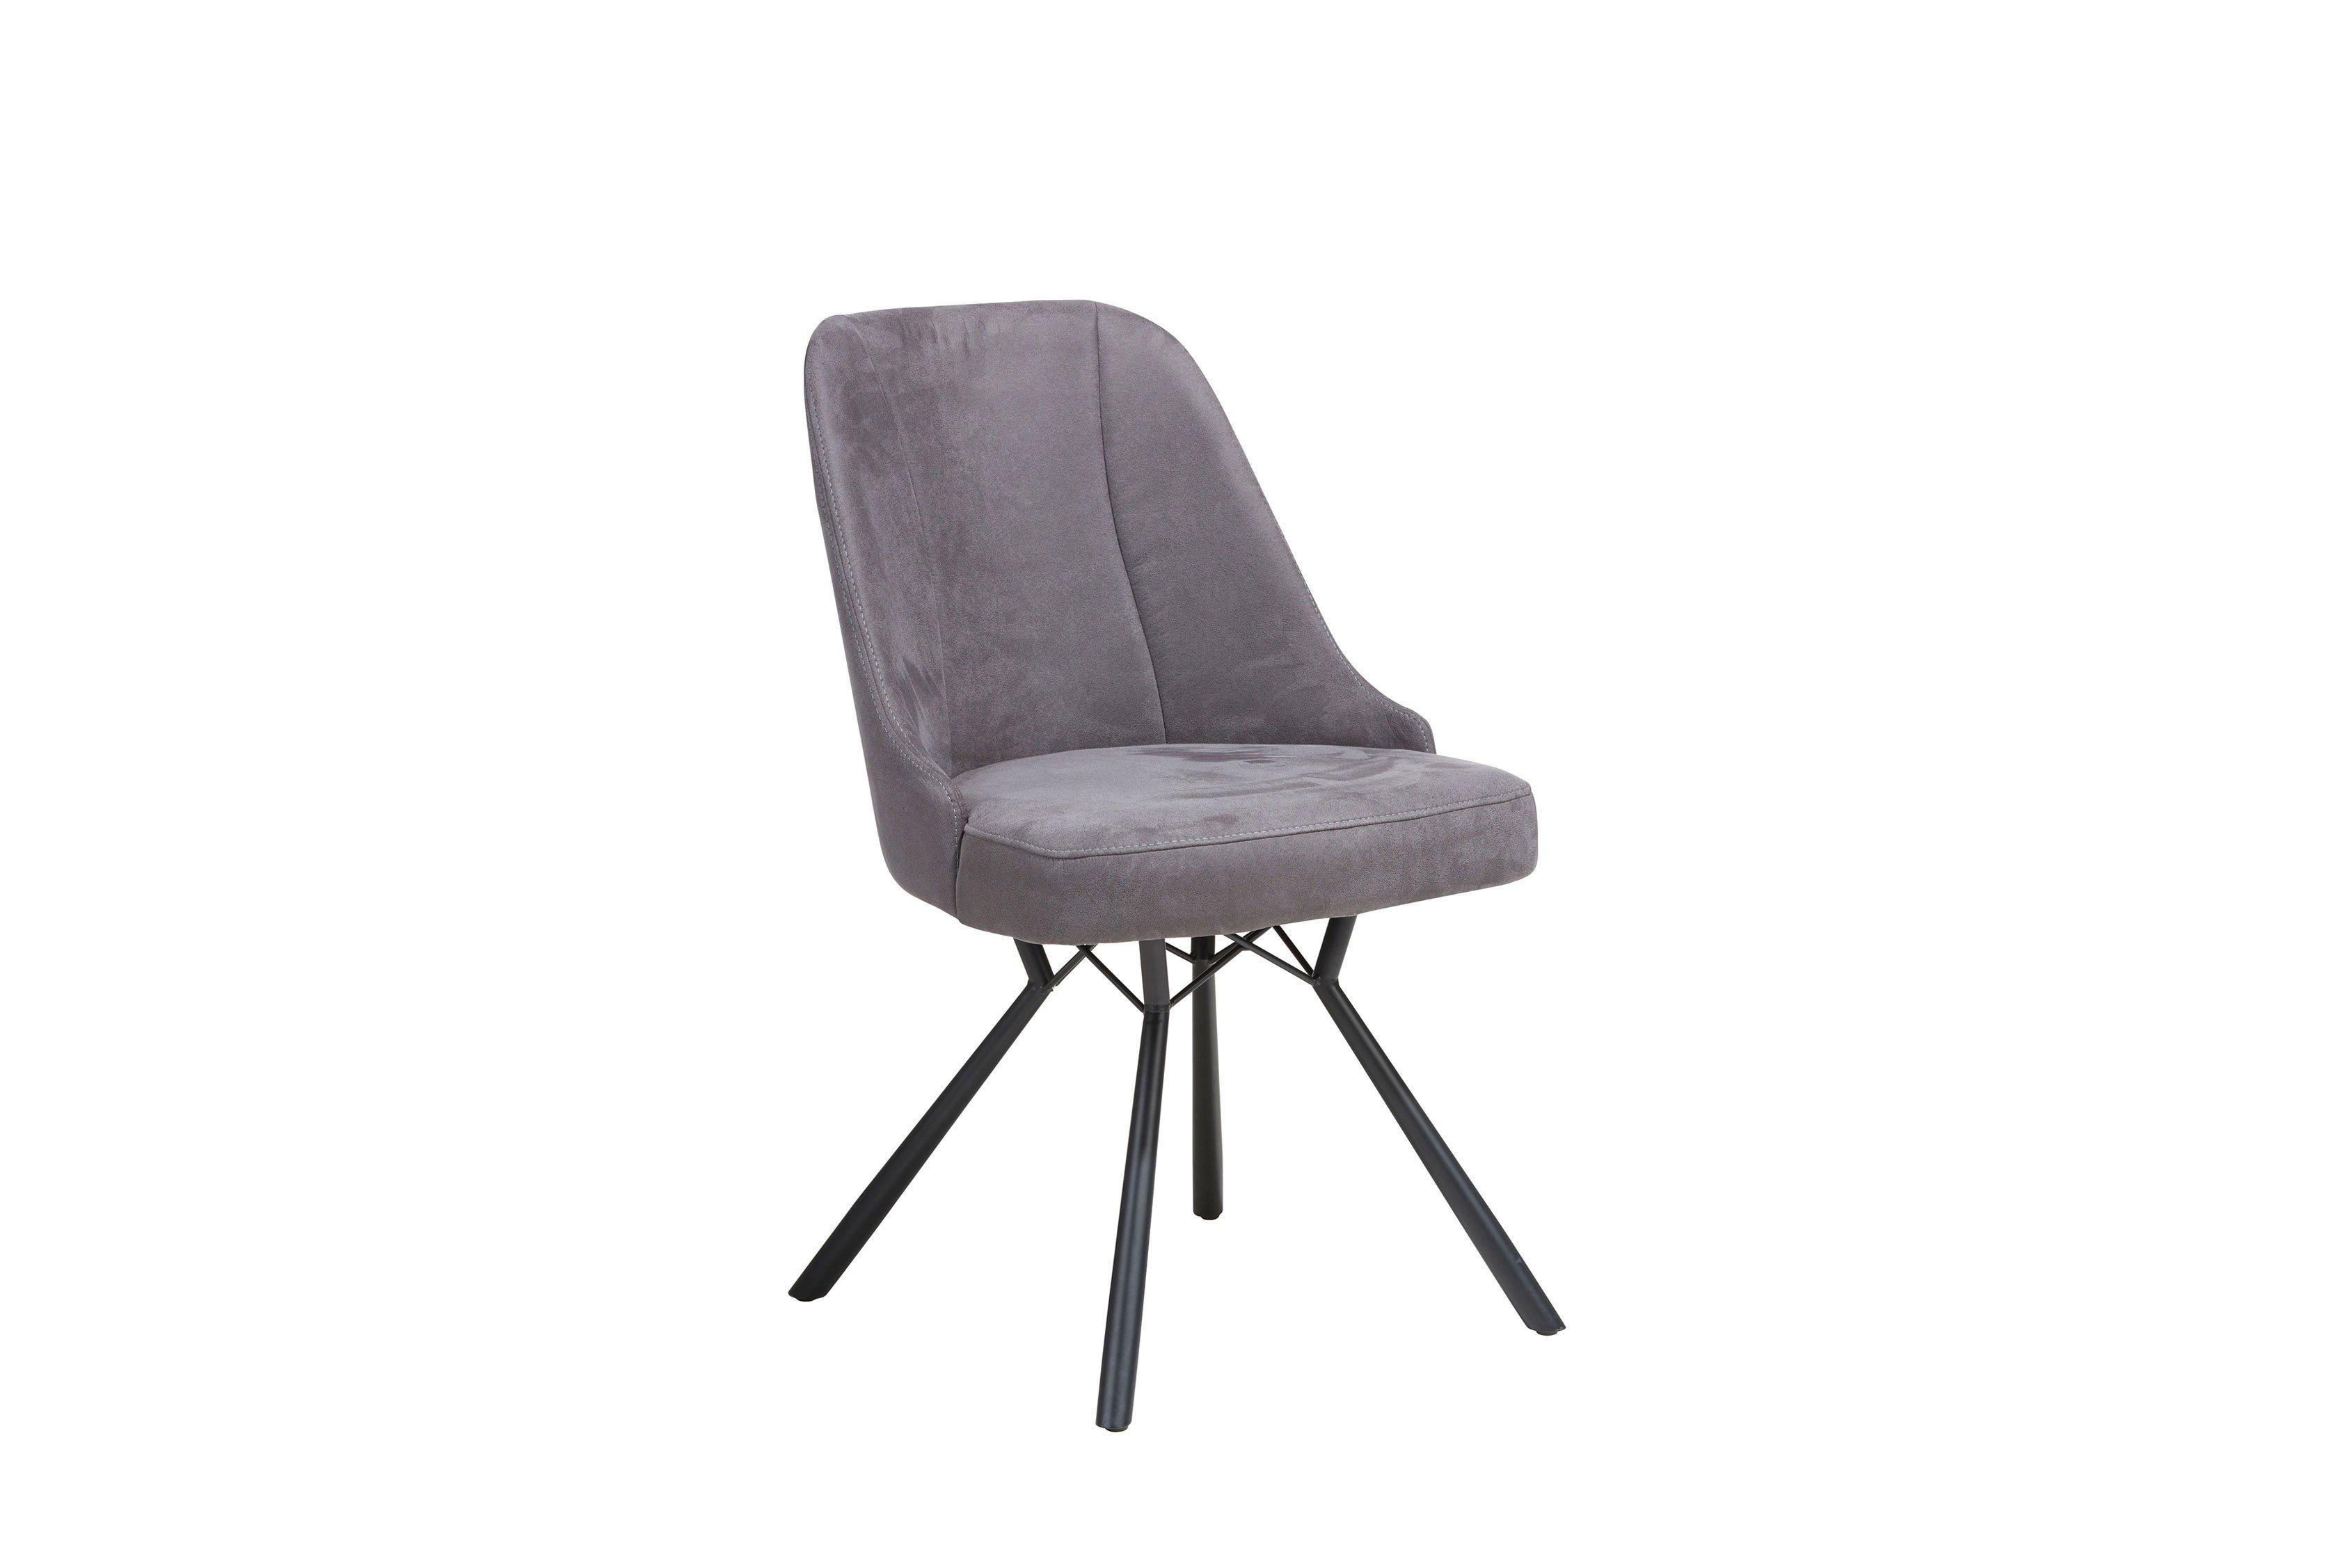 Eefje Antracite Stuhl Von Habufa Schwarz Metall TKJ5c3ulF1